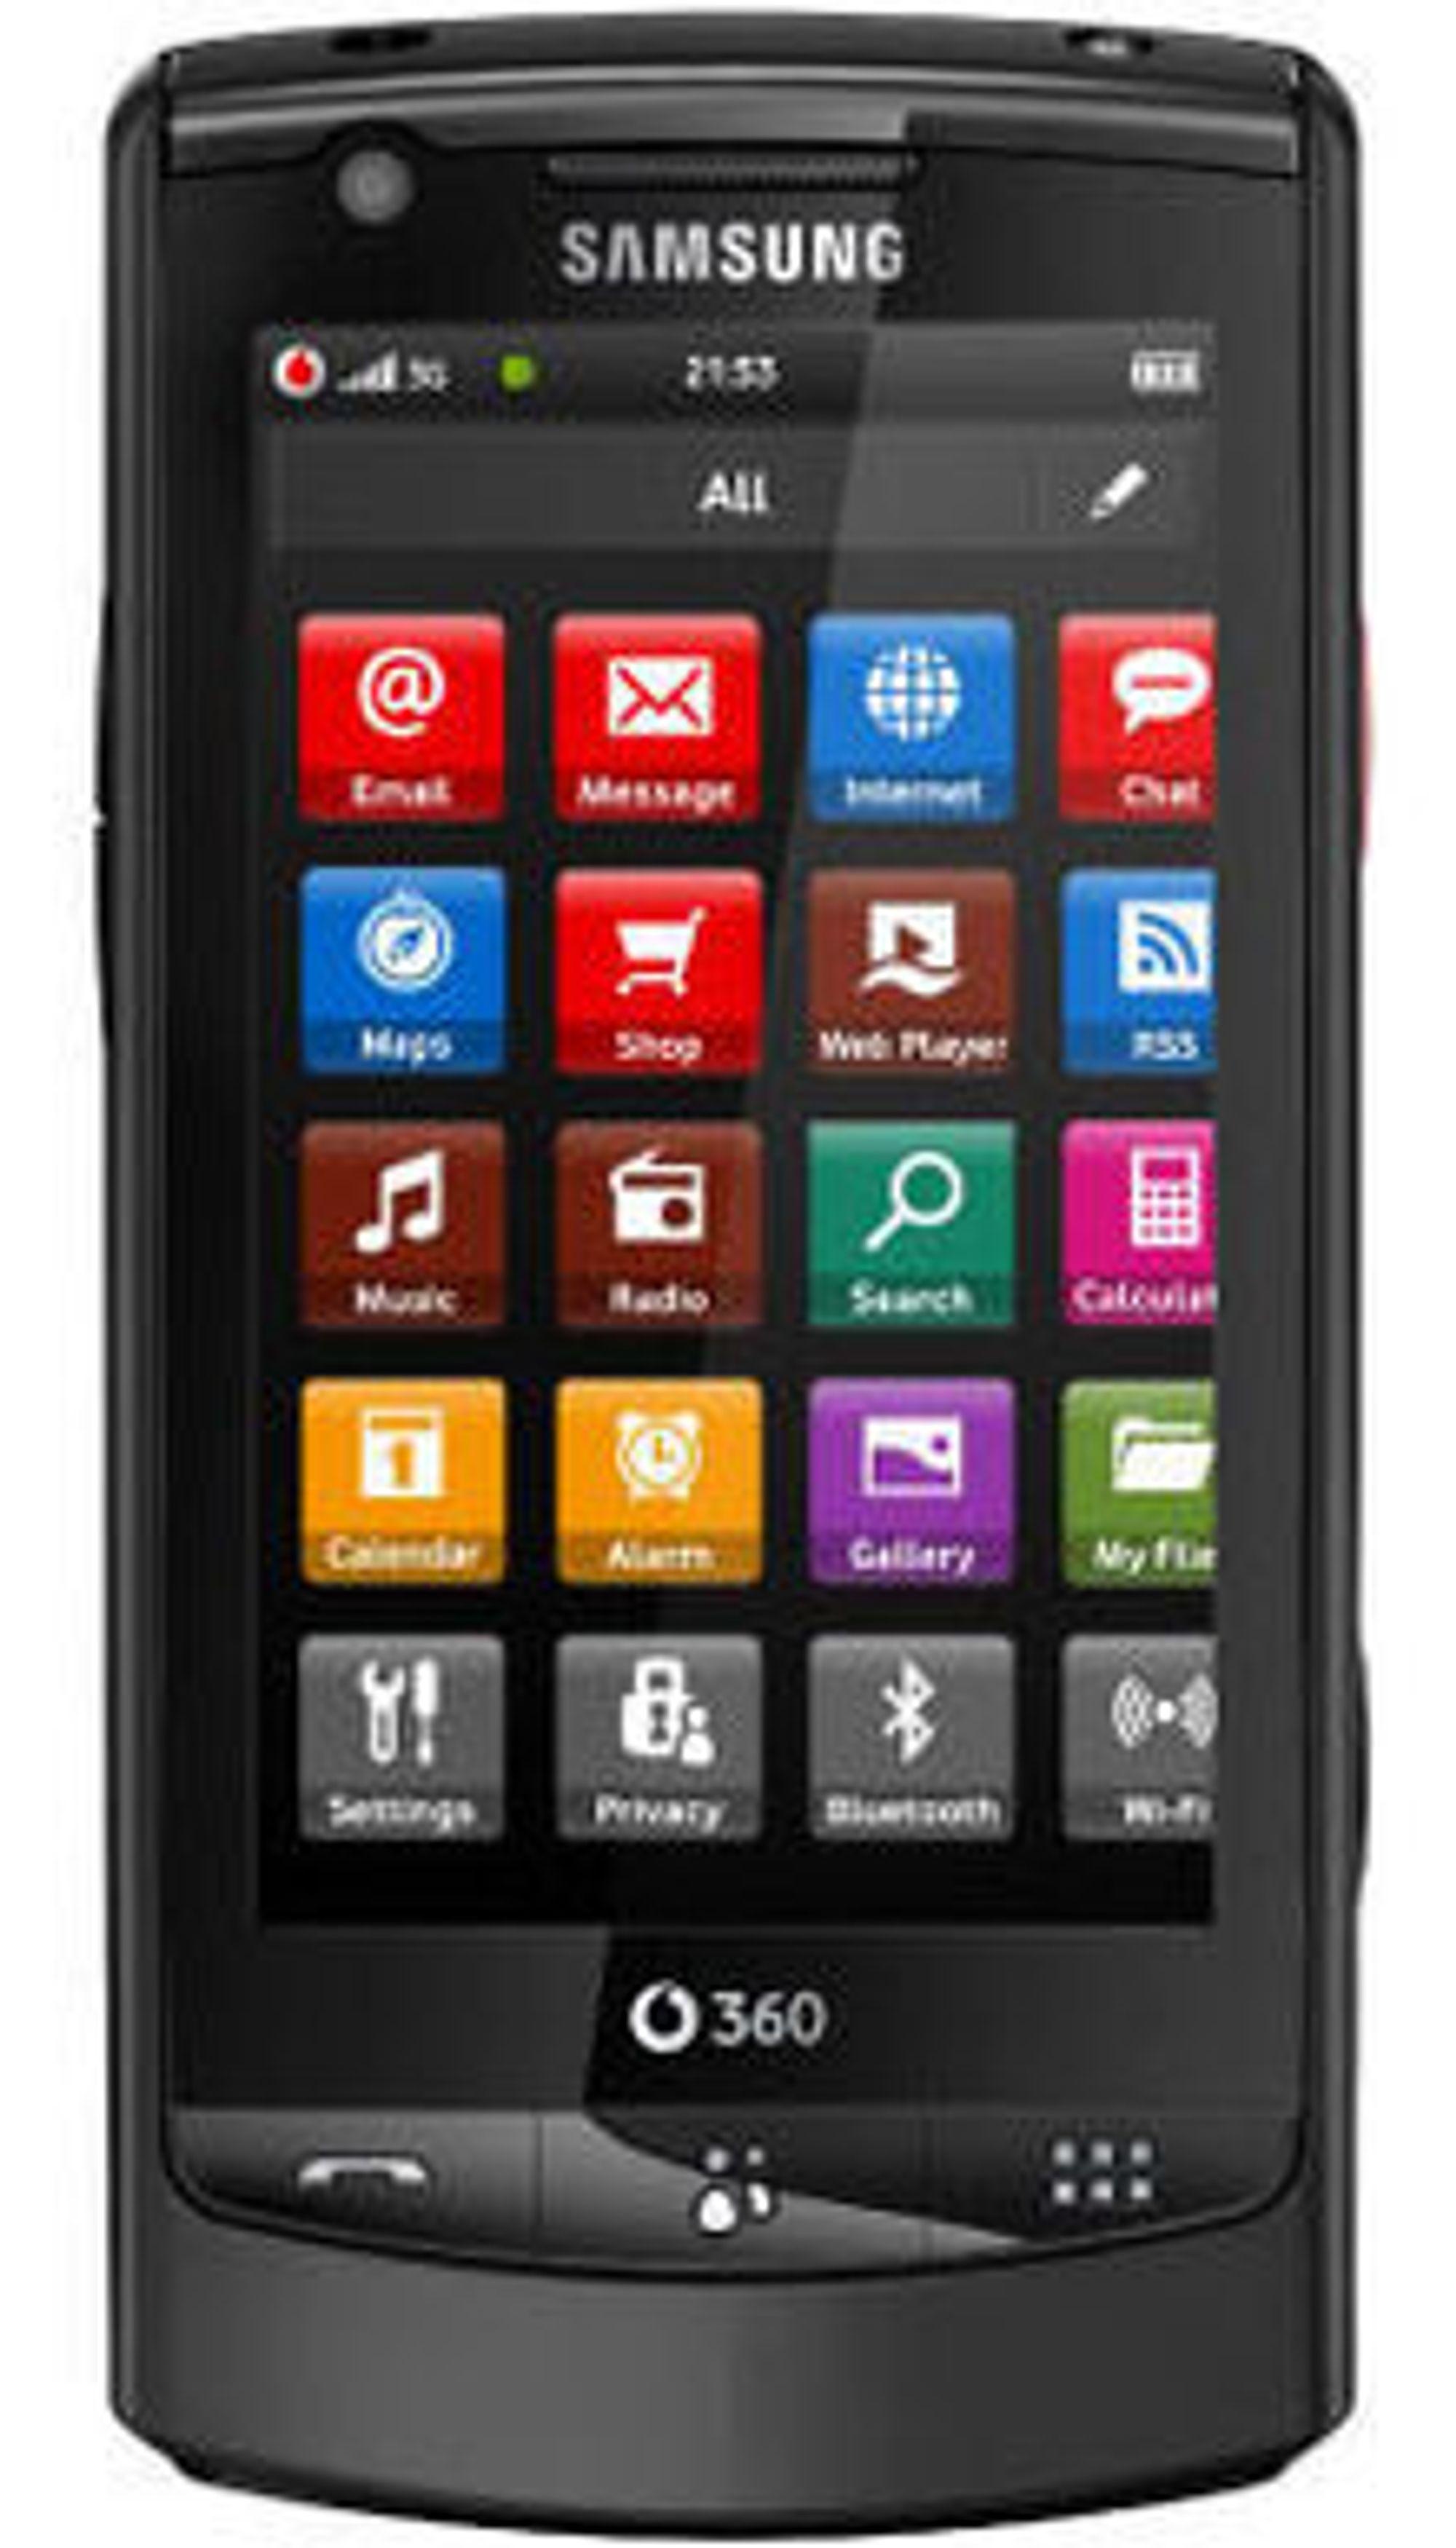 Vodafone 360 Samsung M1 er en middels godt utstyrt LiMo-basert smarttelefon med 3,2 tommers berøringsskjerm.